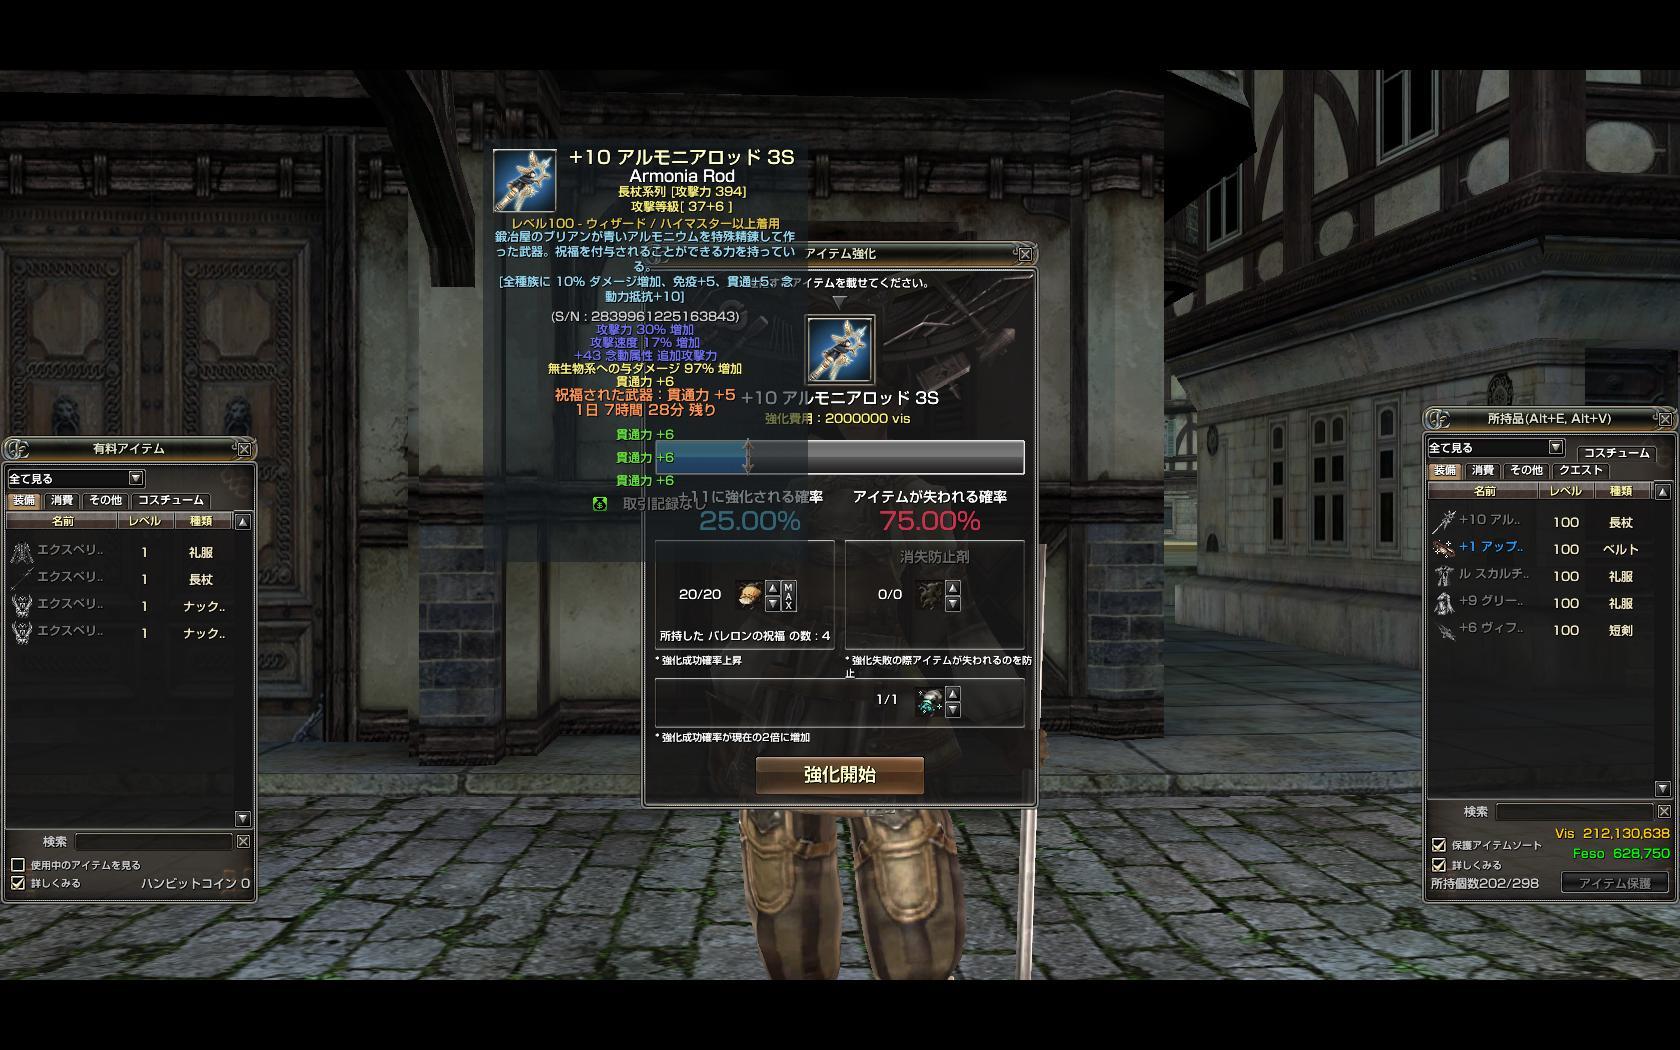 昔のMMORPG「装備の強化に失敗すると装備が消滅します」